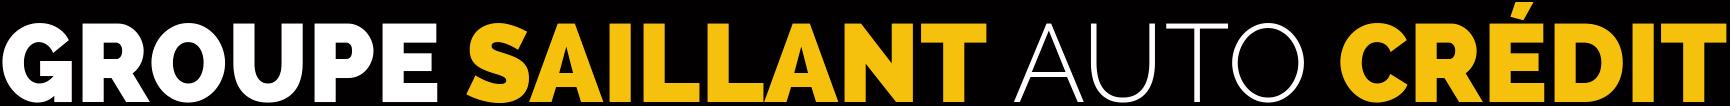 Groupe Saillant Auto Crédit